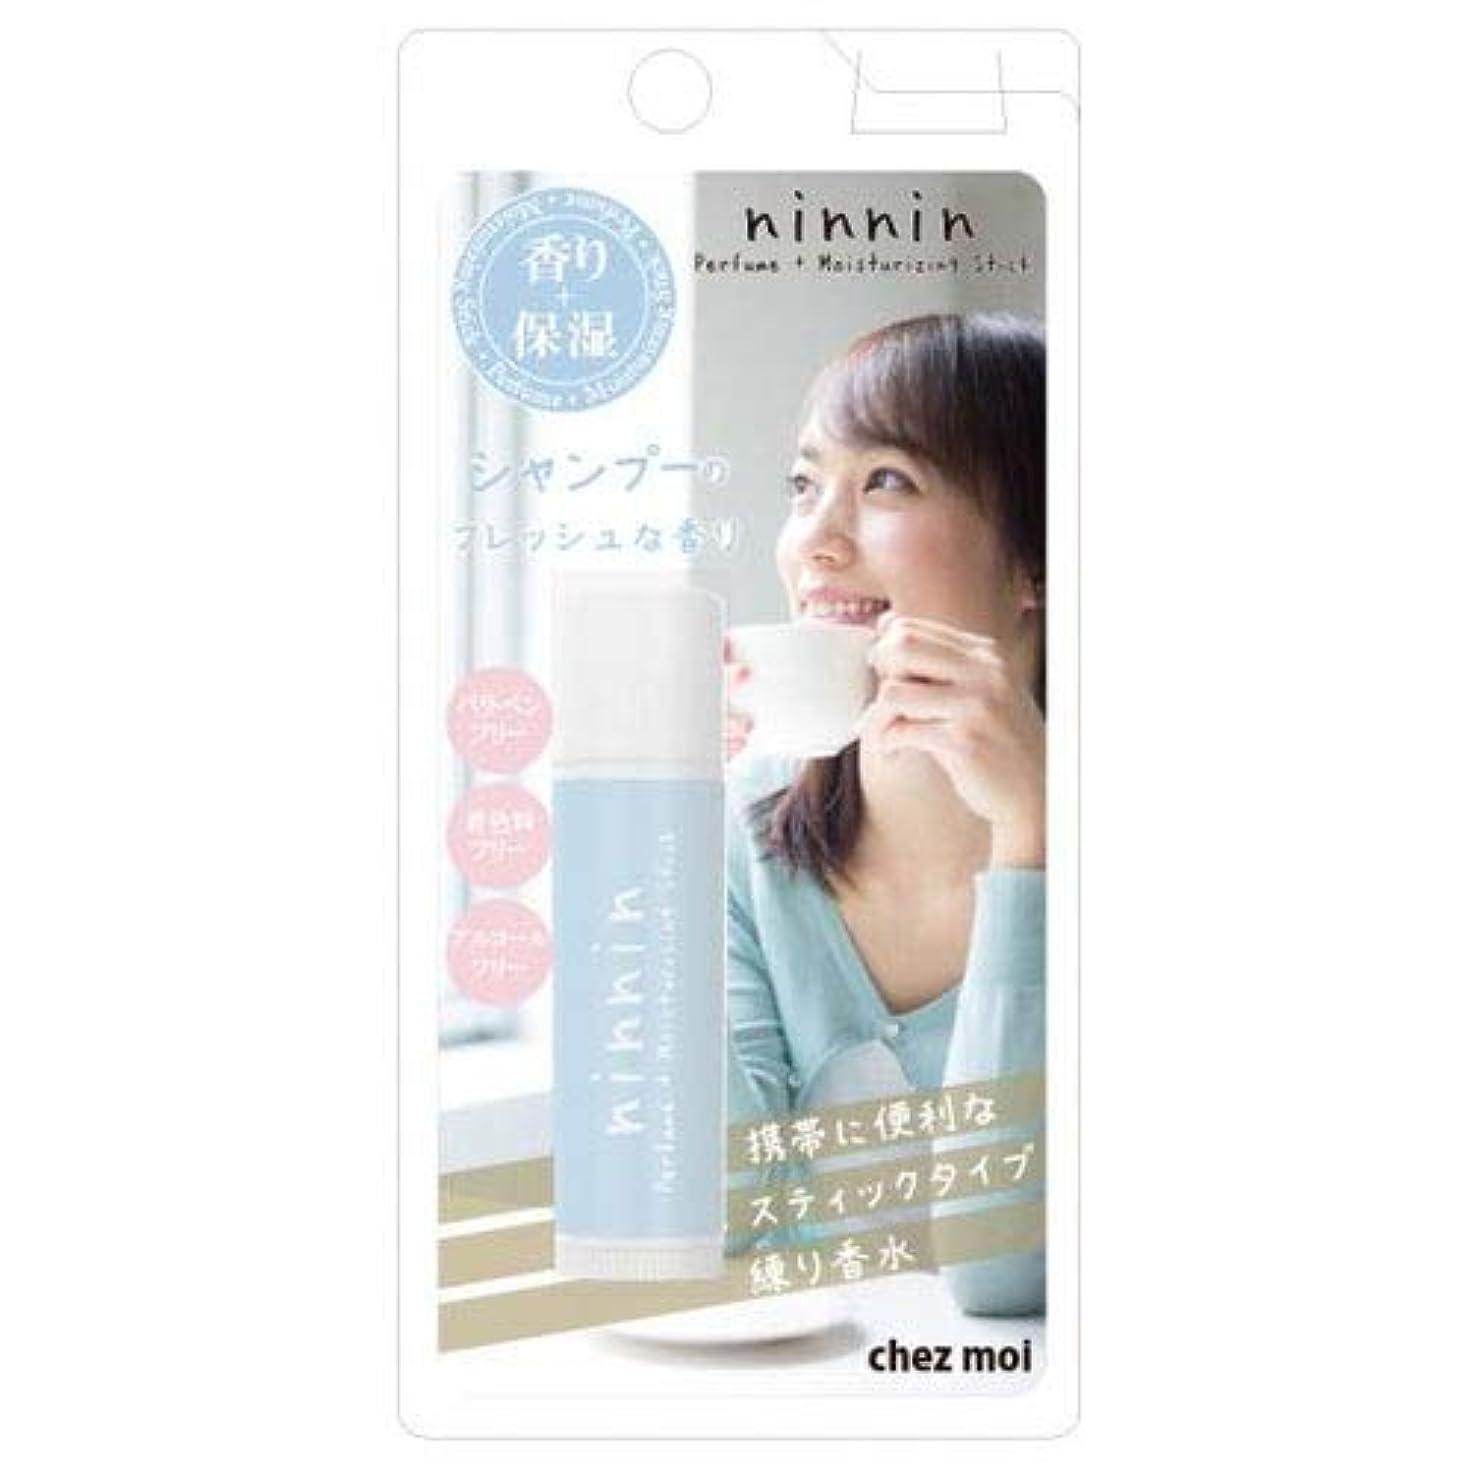 威信おそらく賄賂ninnin ナンナン Perfume+Moisturizing Stick シャンプー